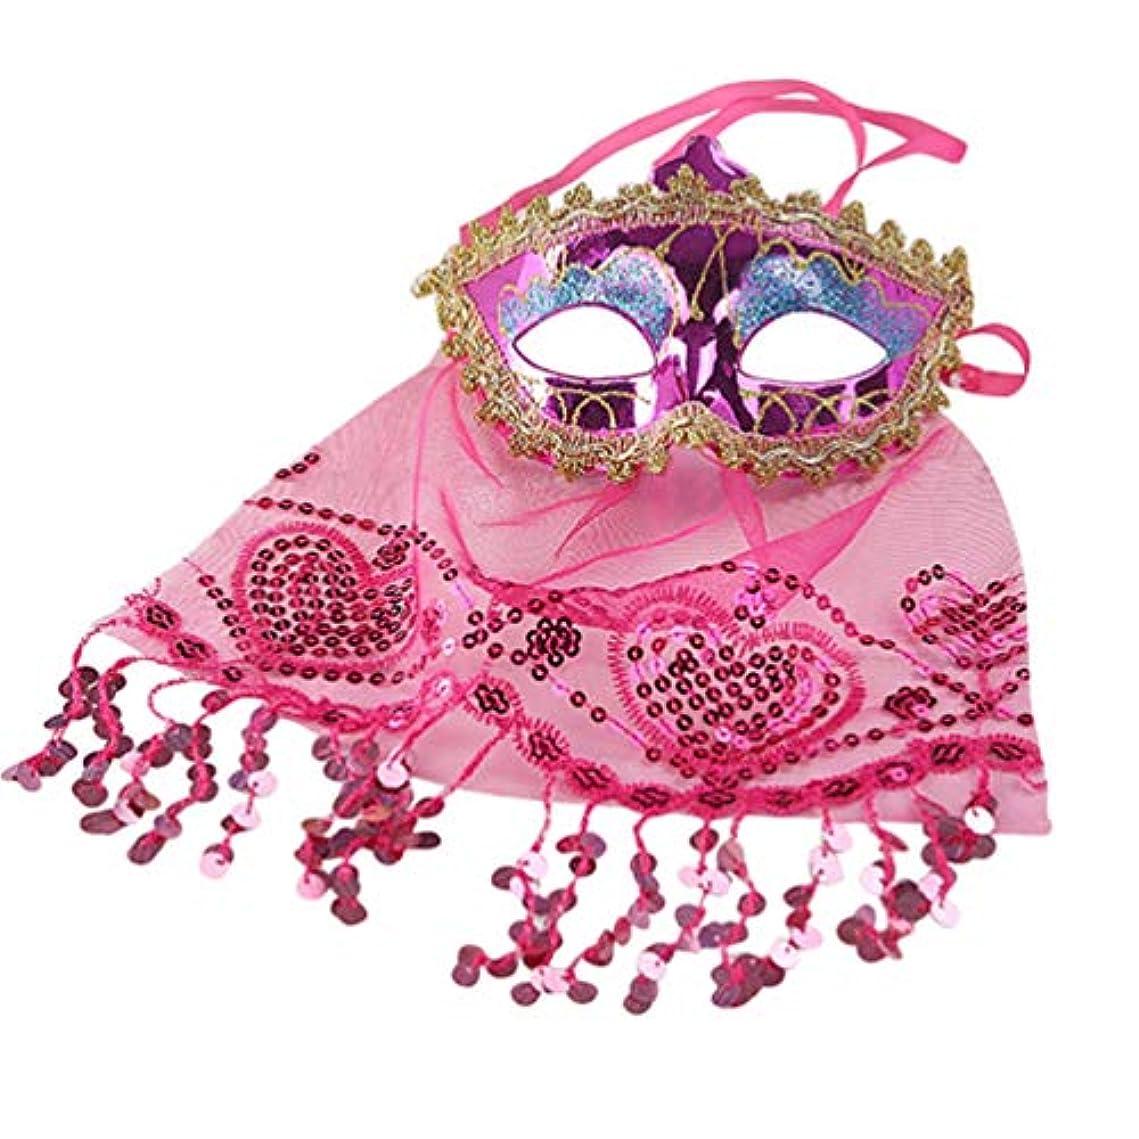 ただやるチーフ解体するTOYANDONA ベールマスク ベリーダンスベール 踊り パーティー 魅力的 仮面舞踏会マスク ハロウィンコスチューム